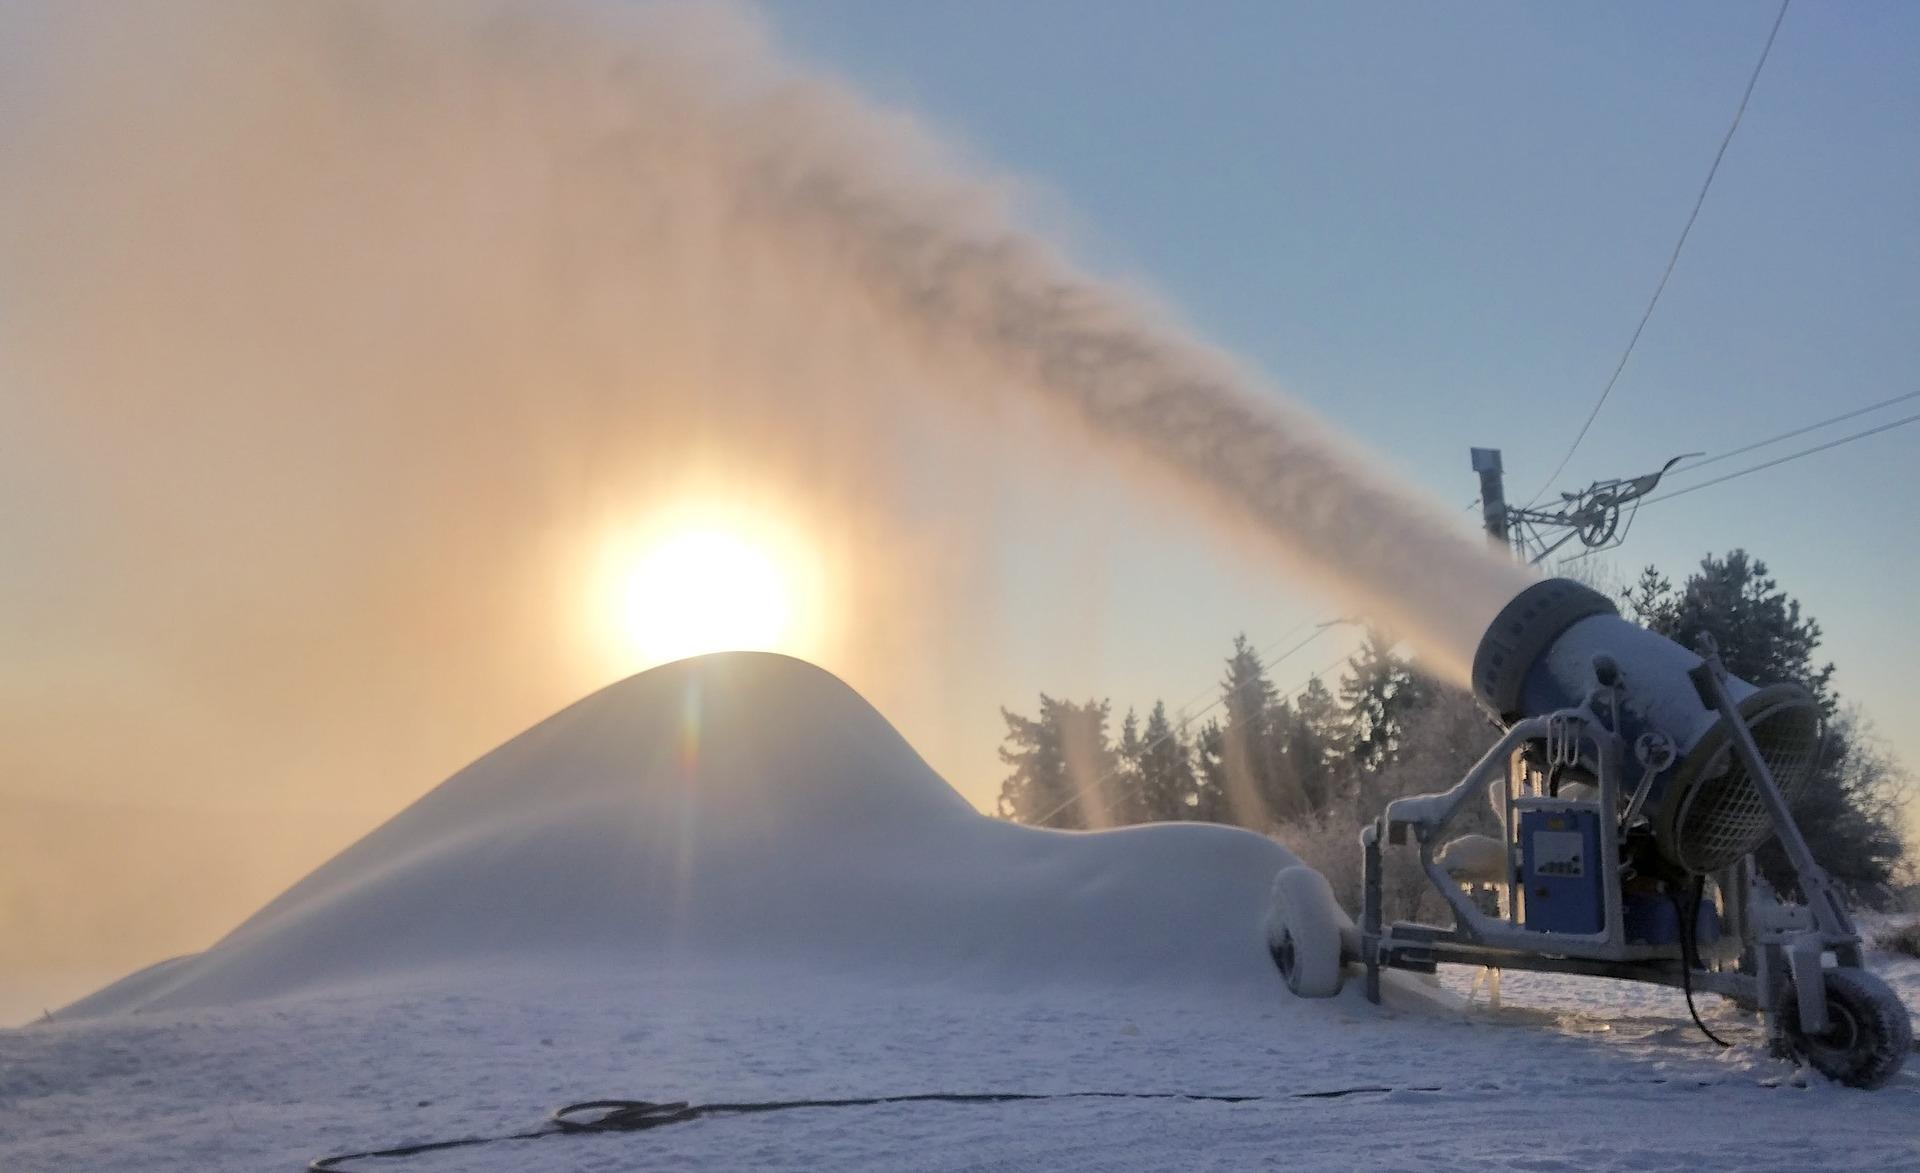 Artificial o natural: habrá nieve sí o sí en Catedral este año